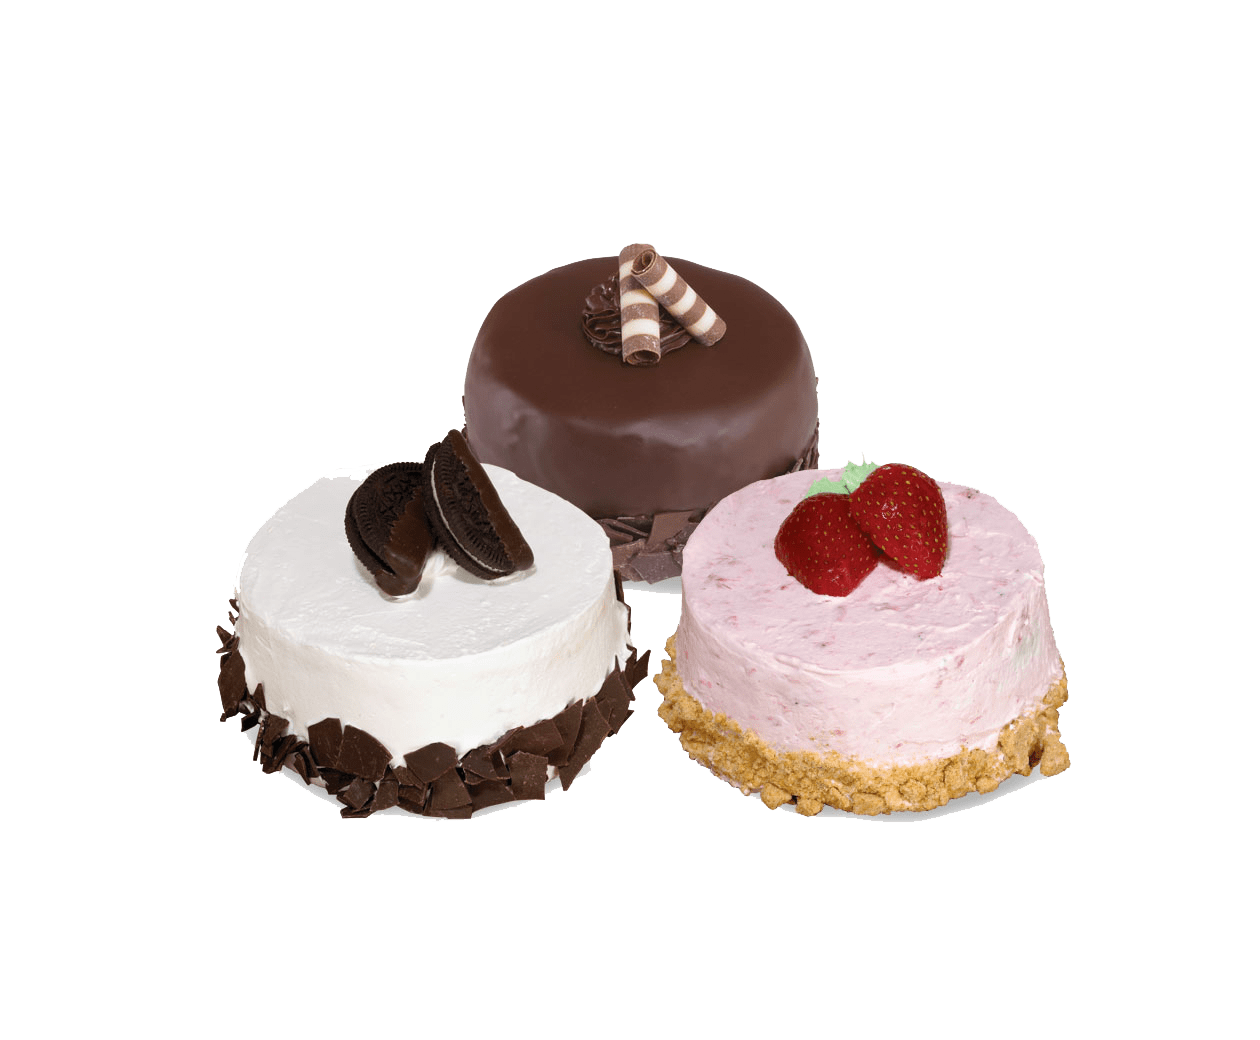 cake bake product